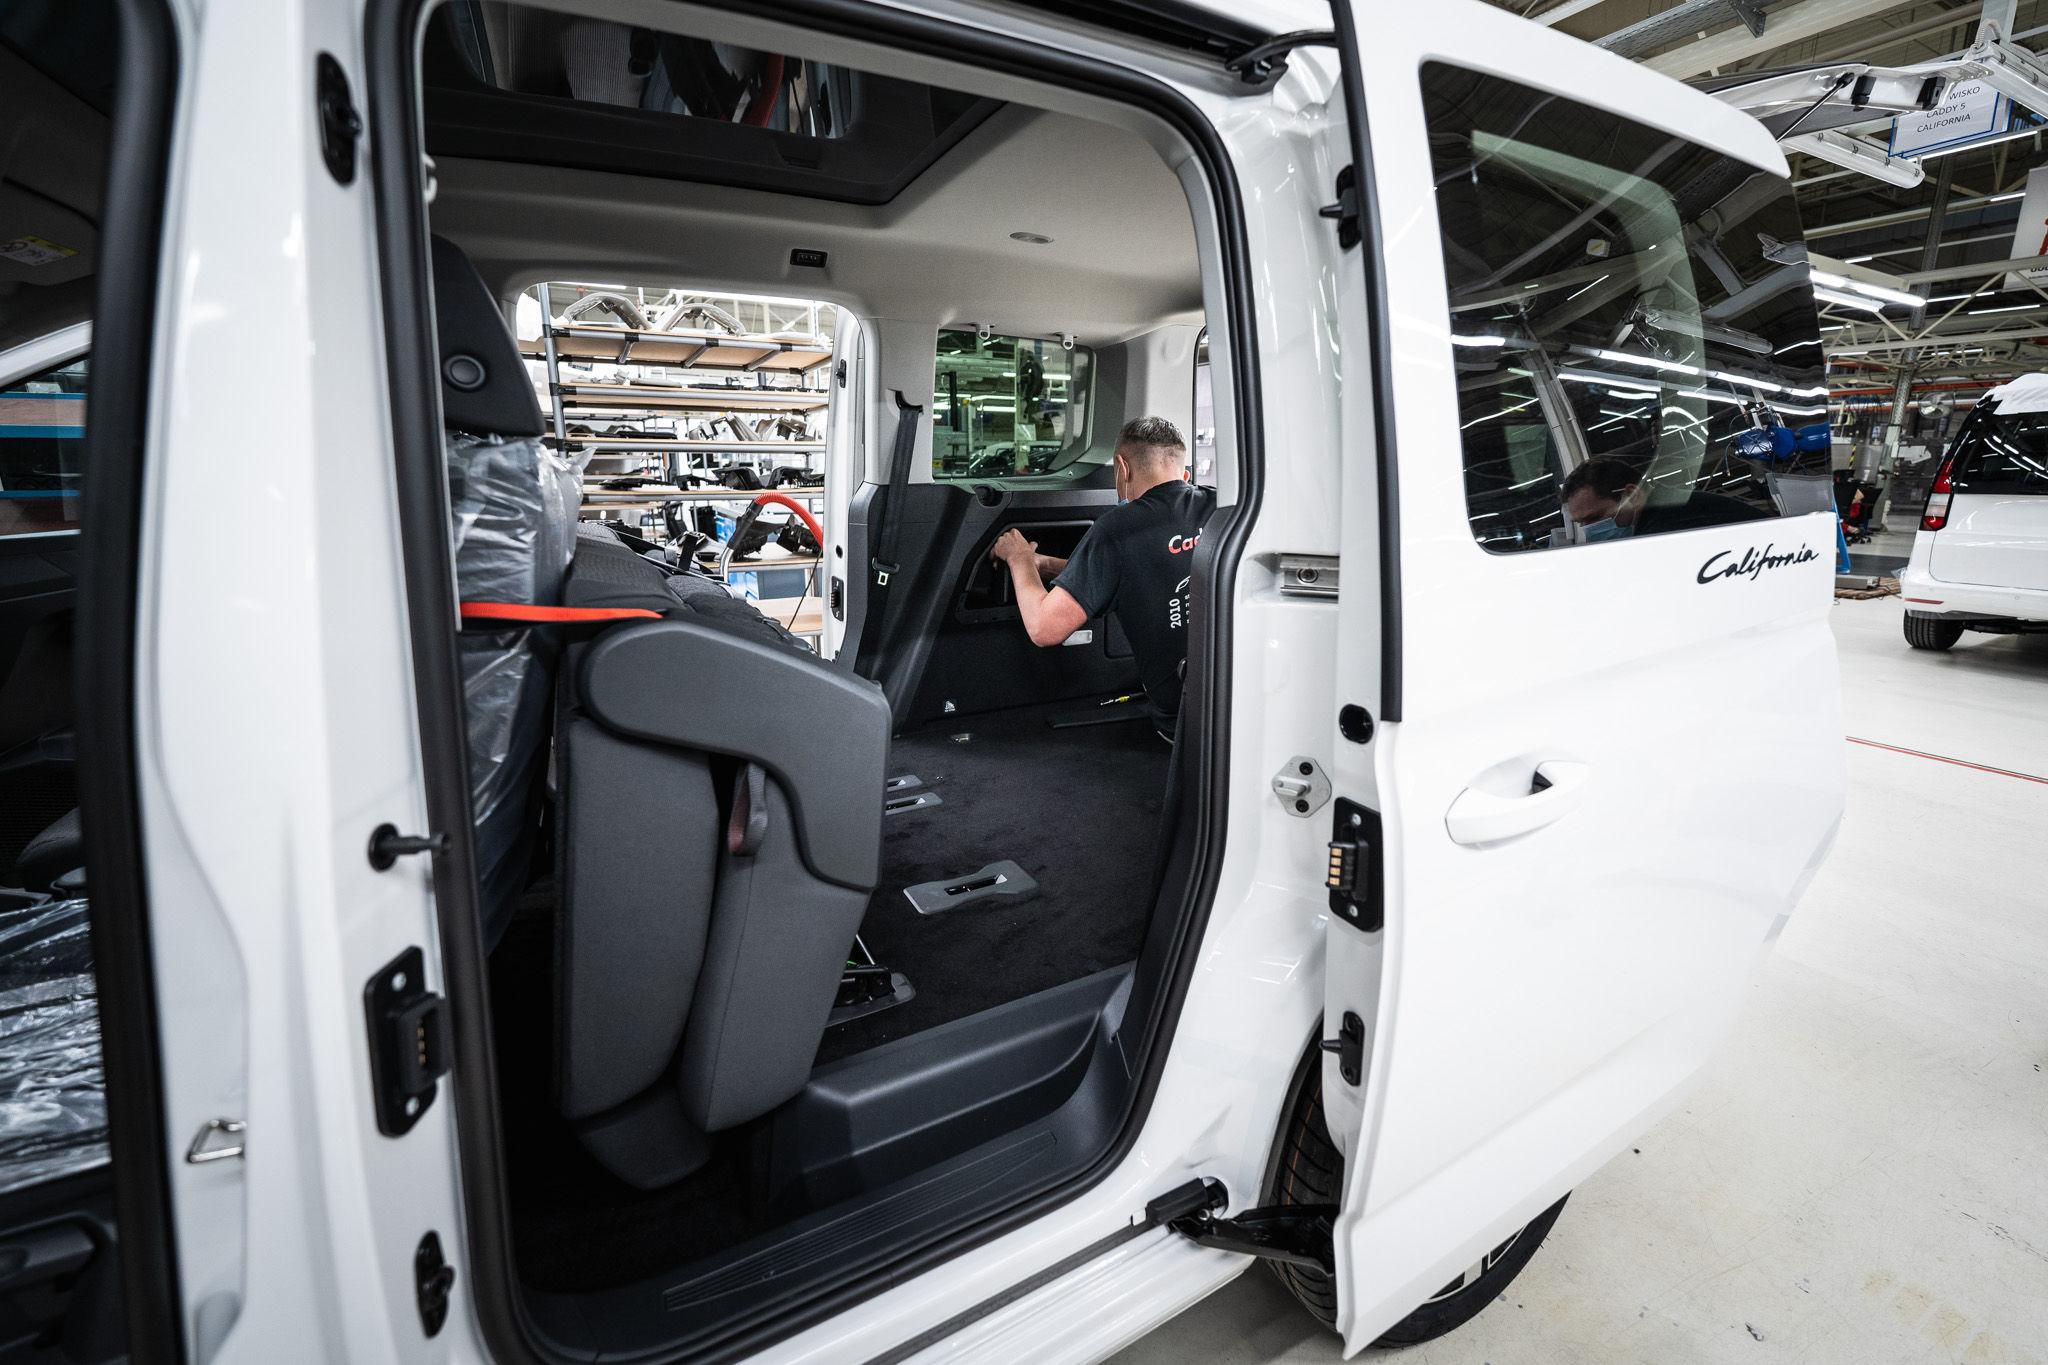 Z linii produkcyjnych Volkswagen Poznań zjechały pierwsze egzemplarze modelu Caddy California